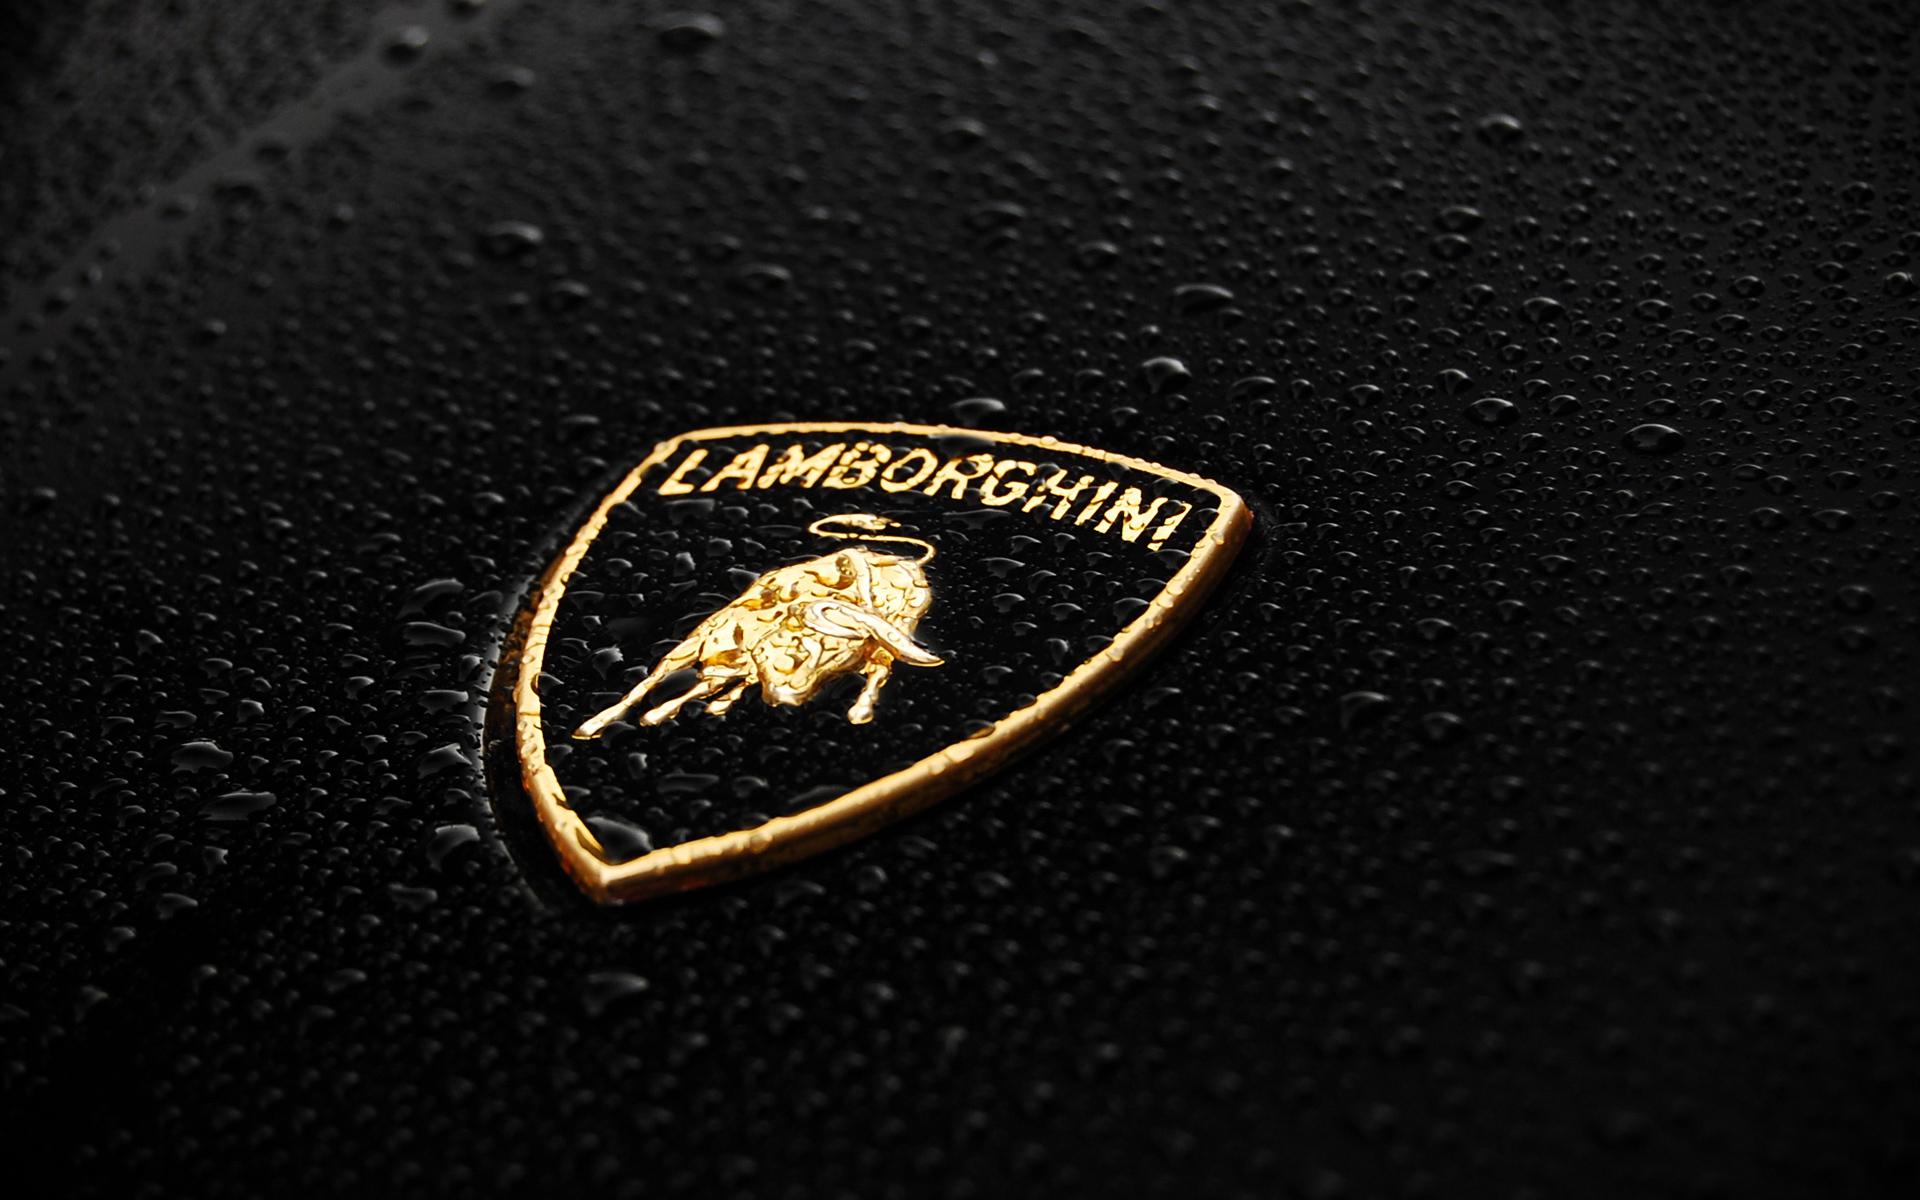 Lamborghini Logo Wallpaper HD Car Wallpapers 1920x1200